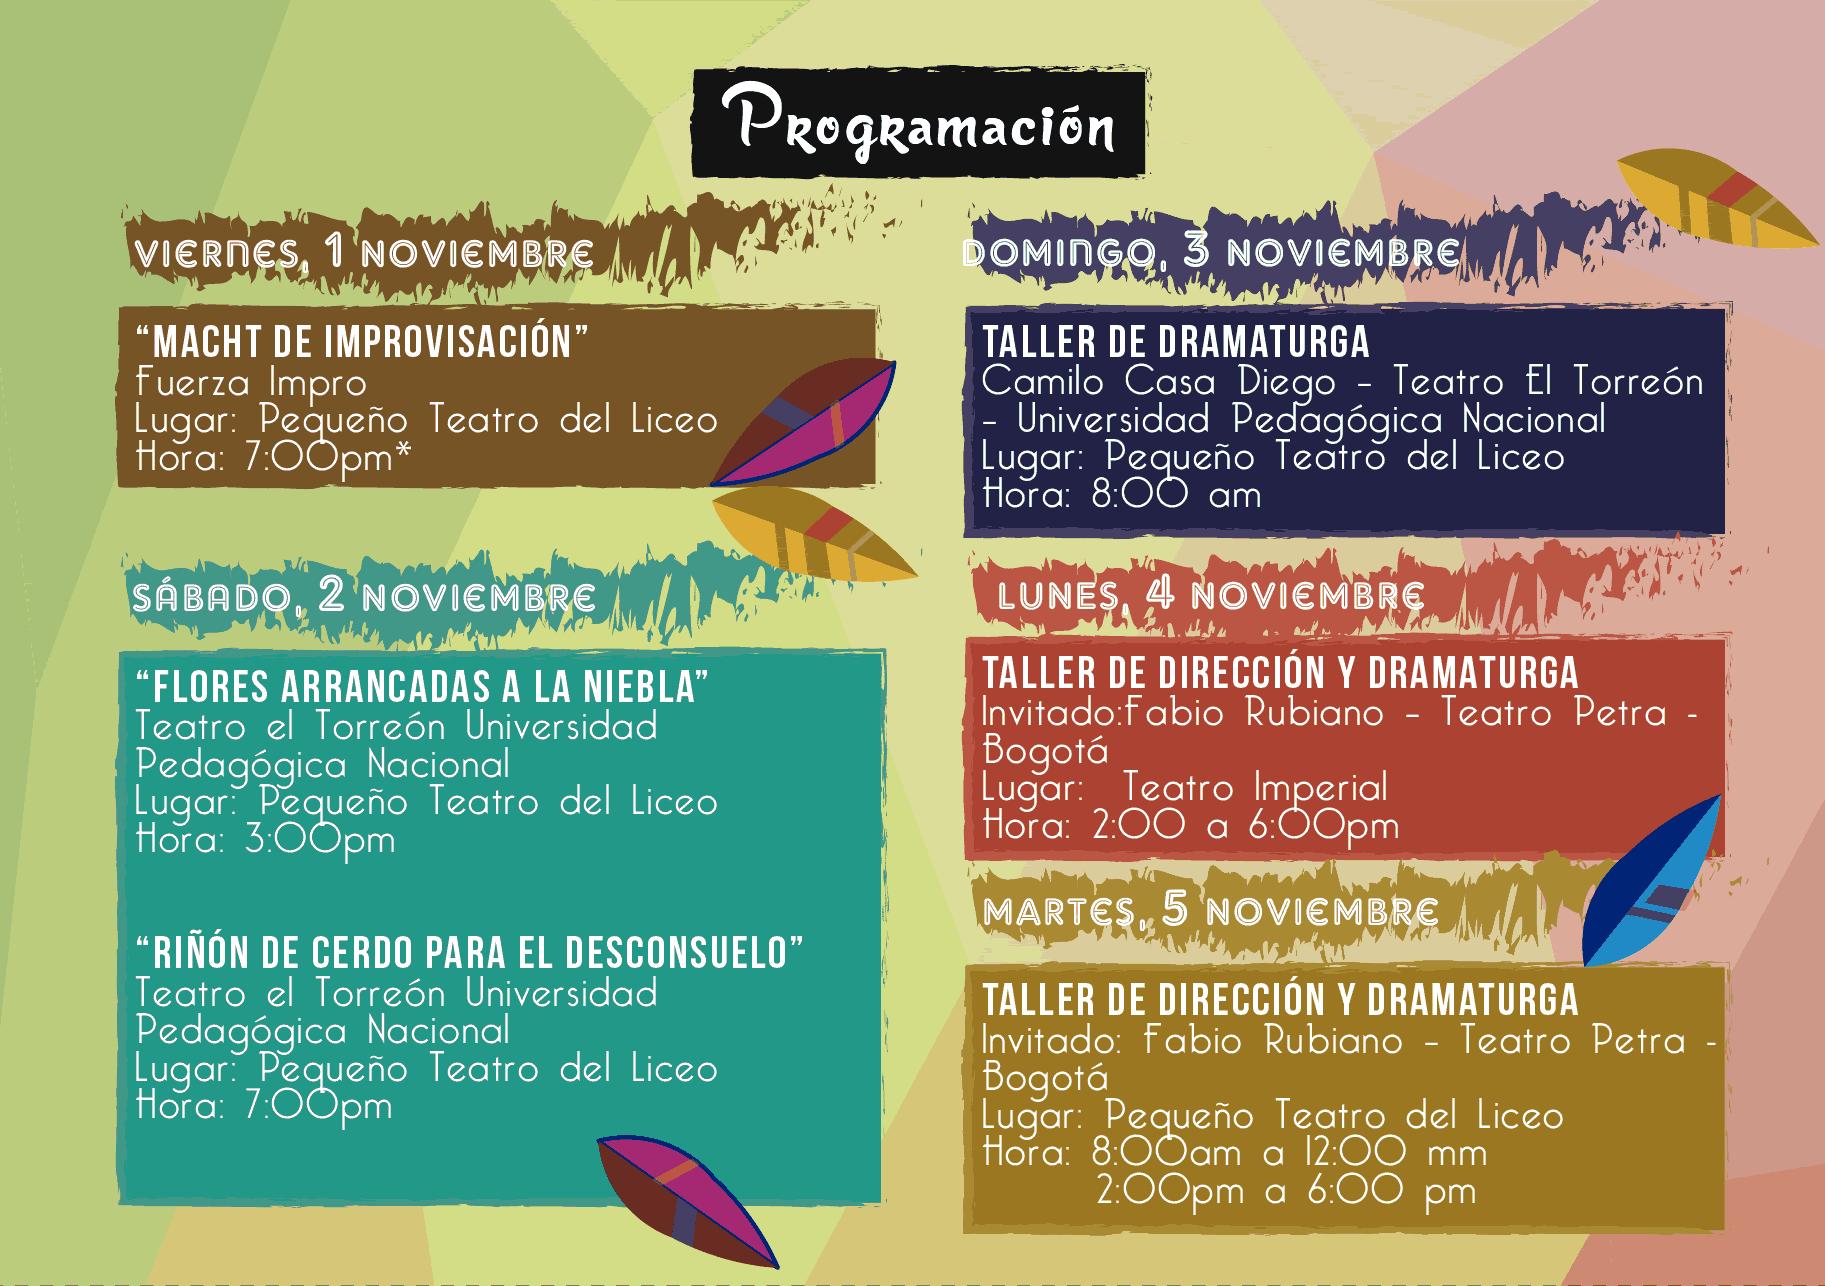 programcion-festival-02